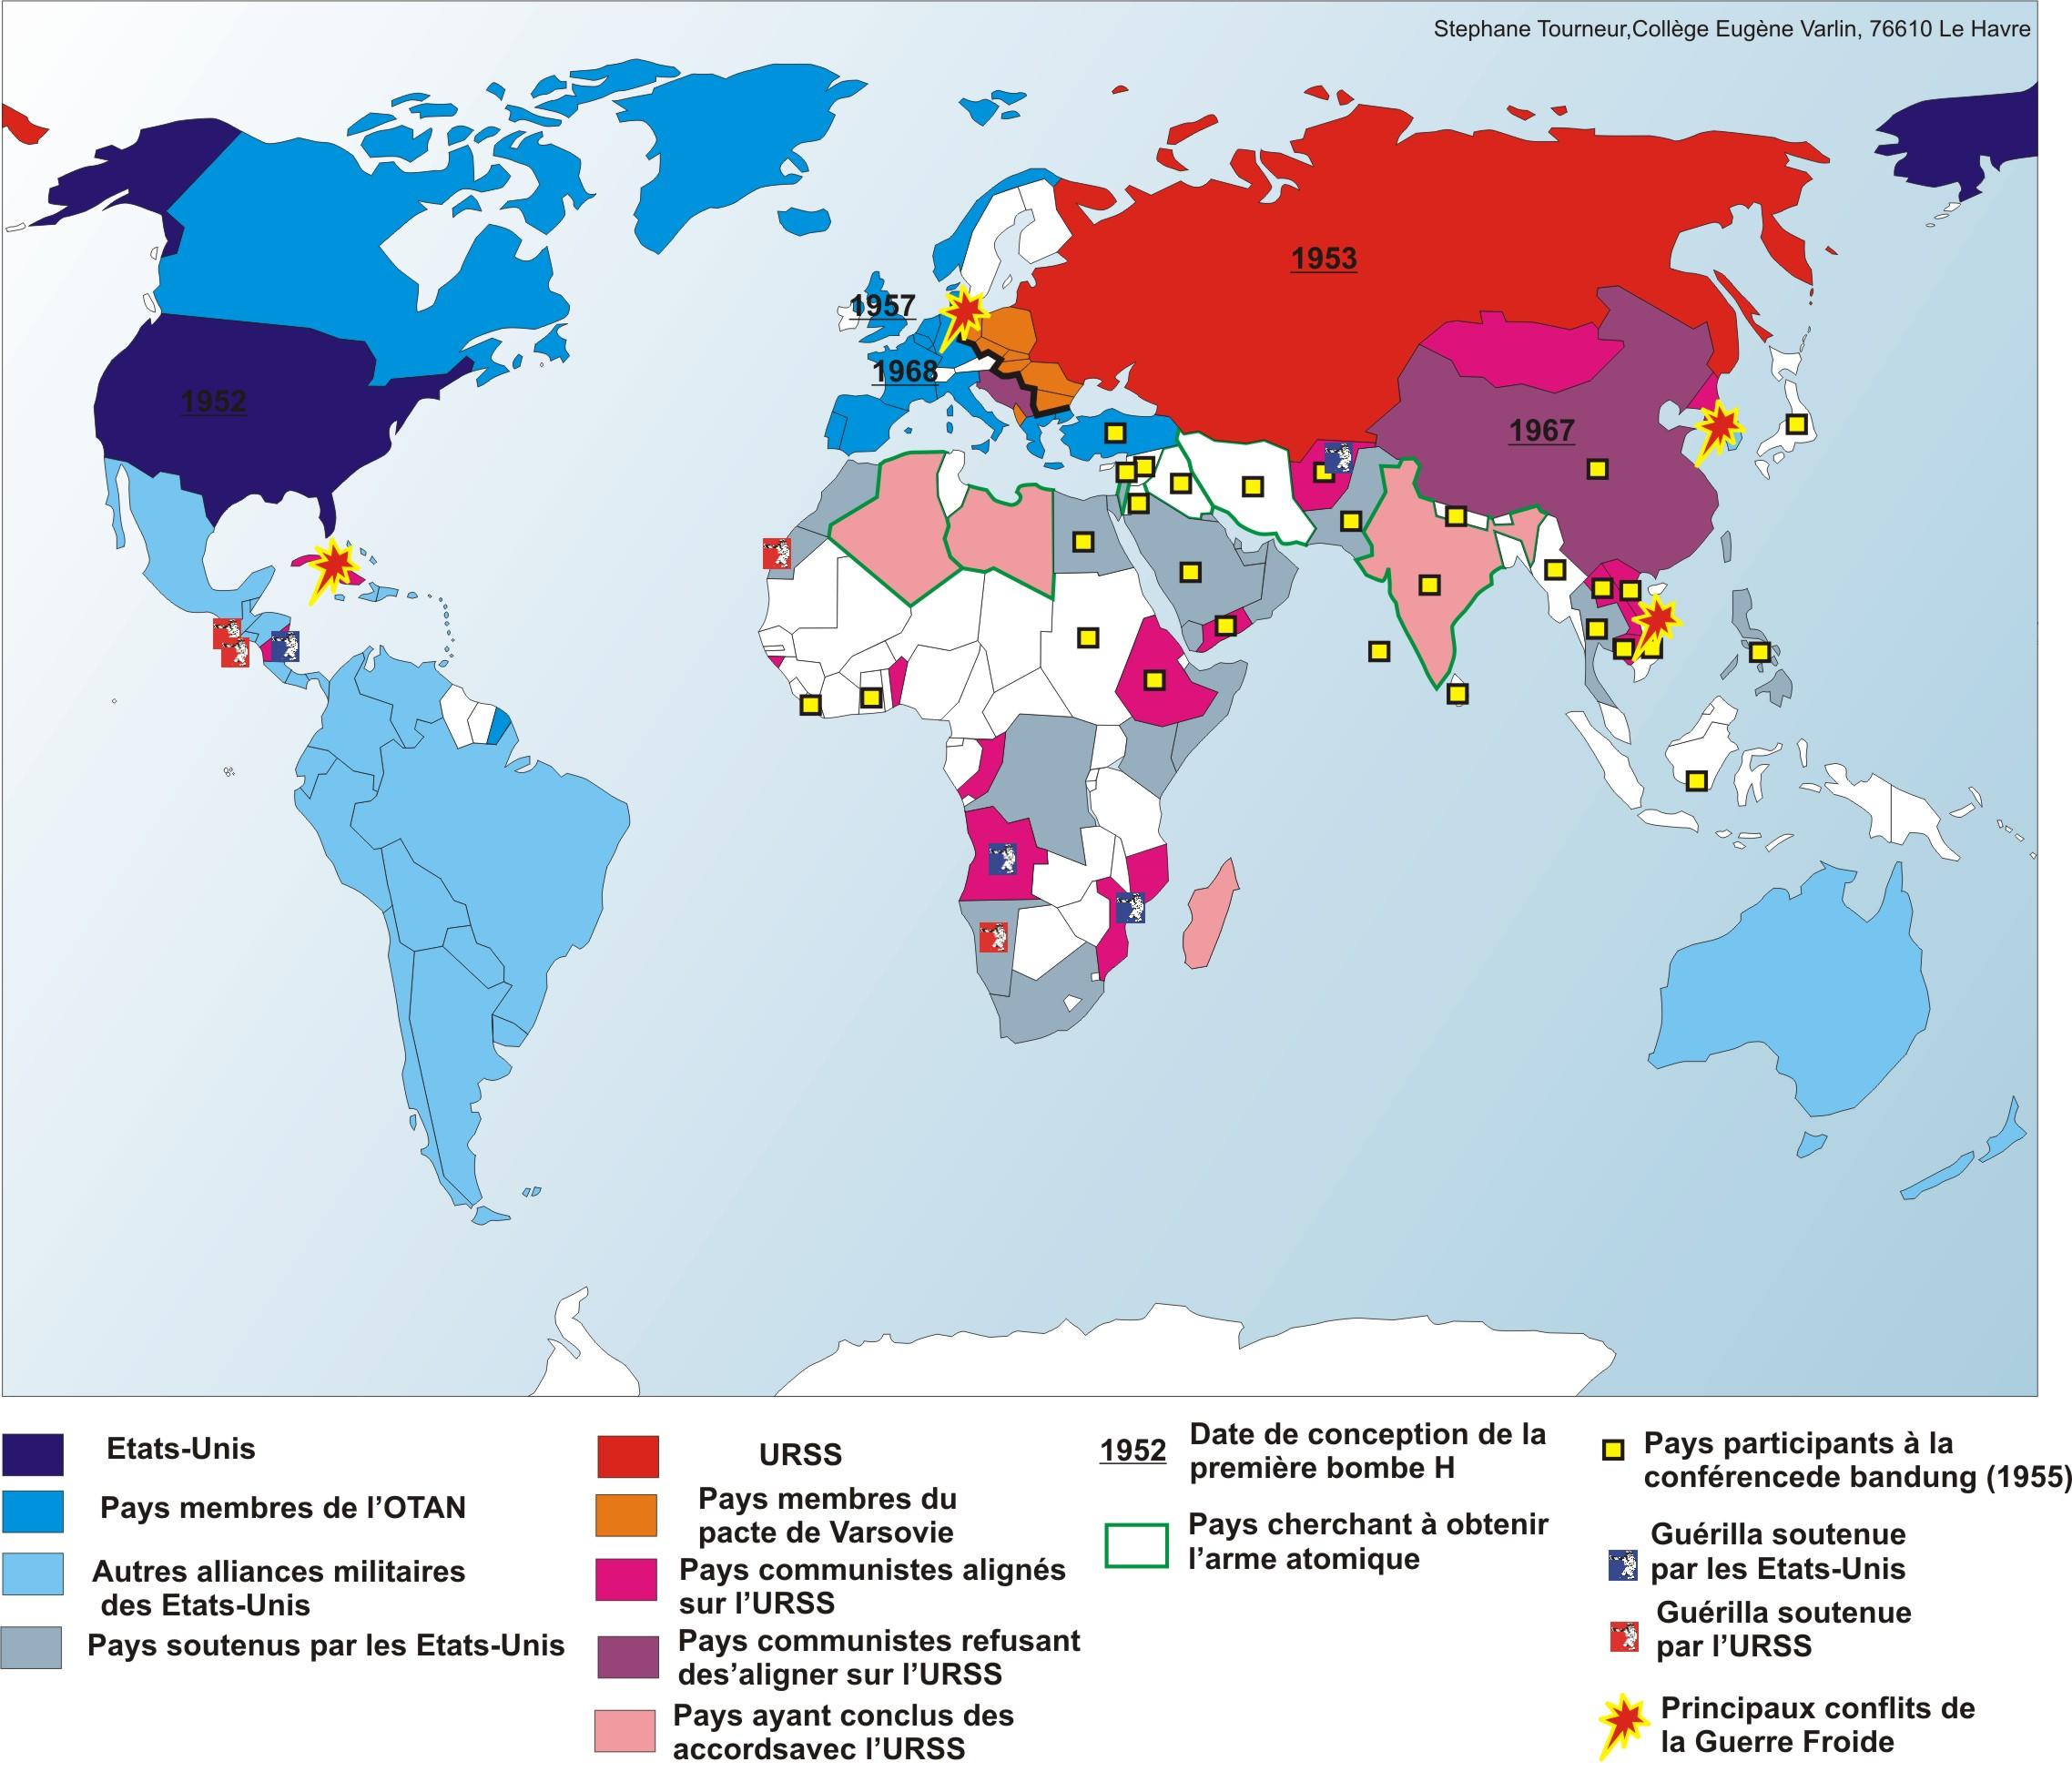 Carte Du Monde Pendant La Guerre Froide.Le Monde Pendant La Guerre Froide Un Monde Bipolaire